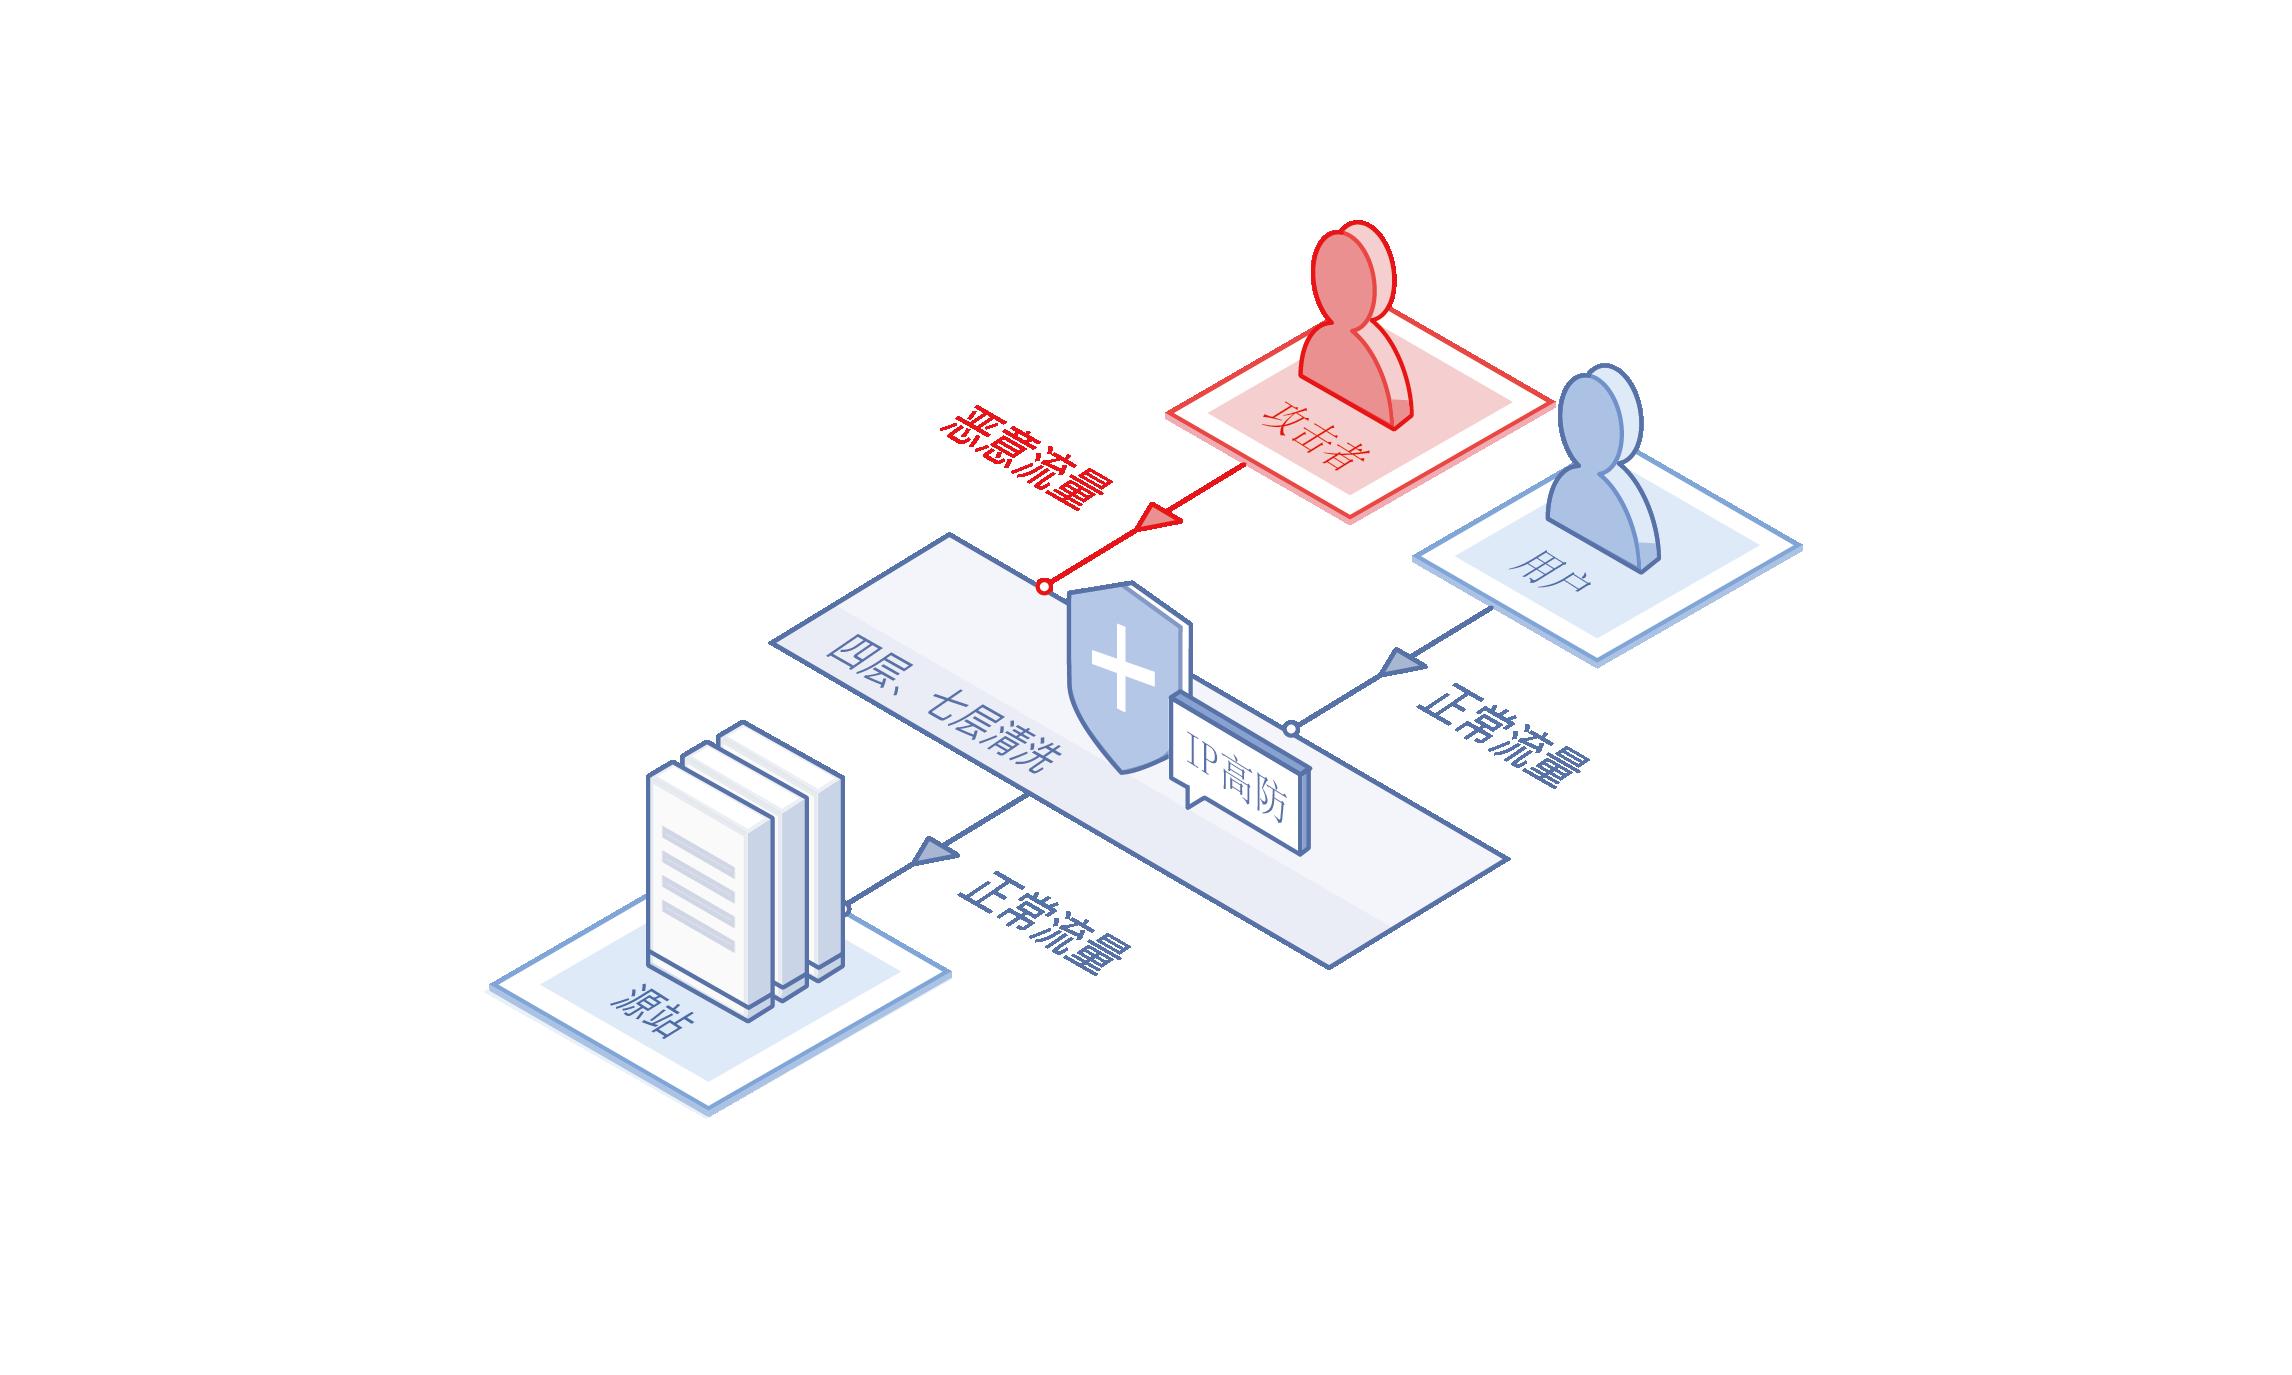 IP高防架构图